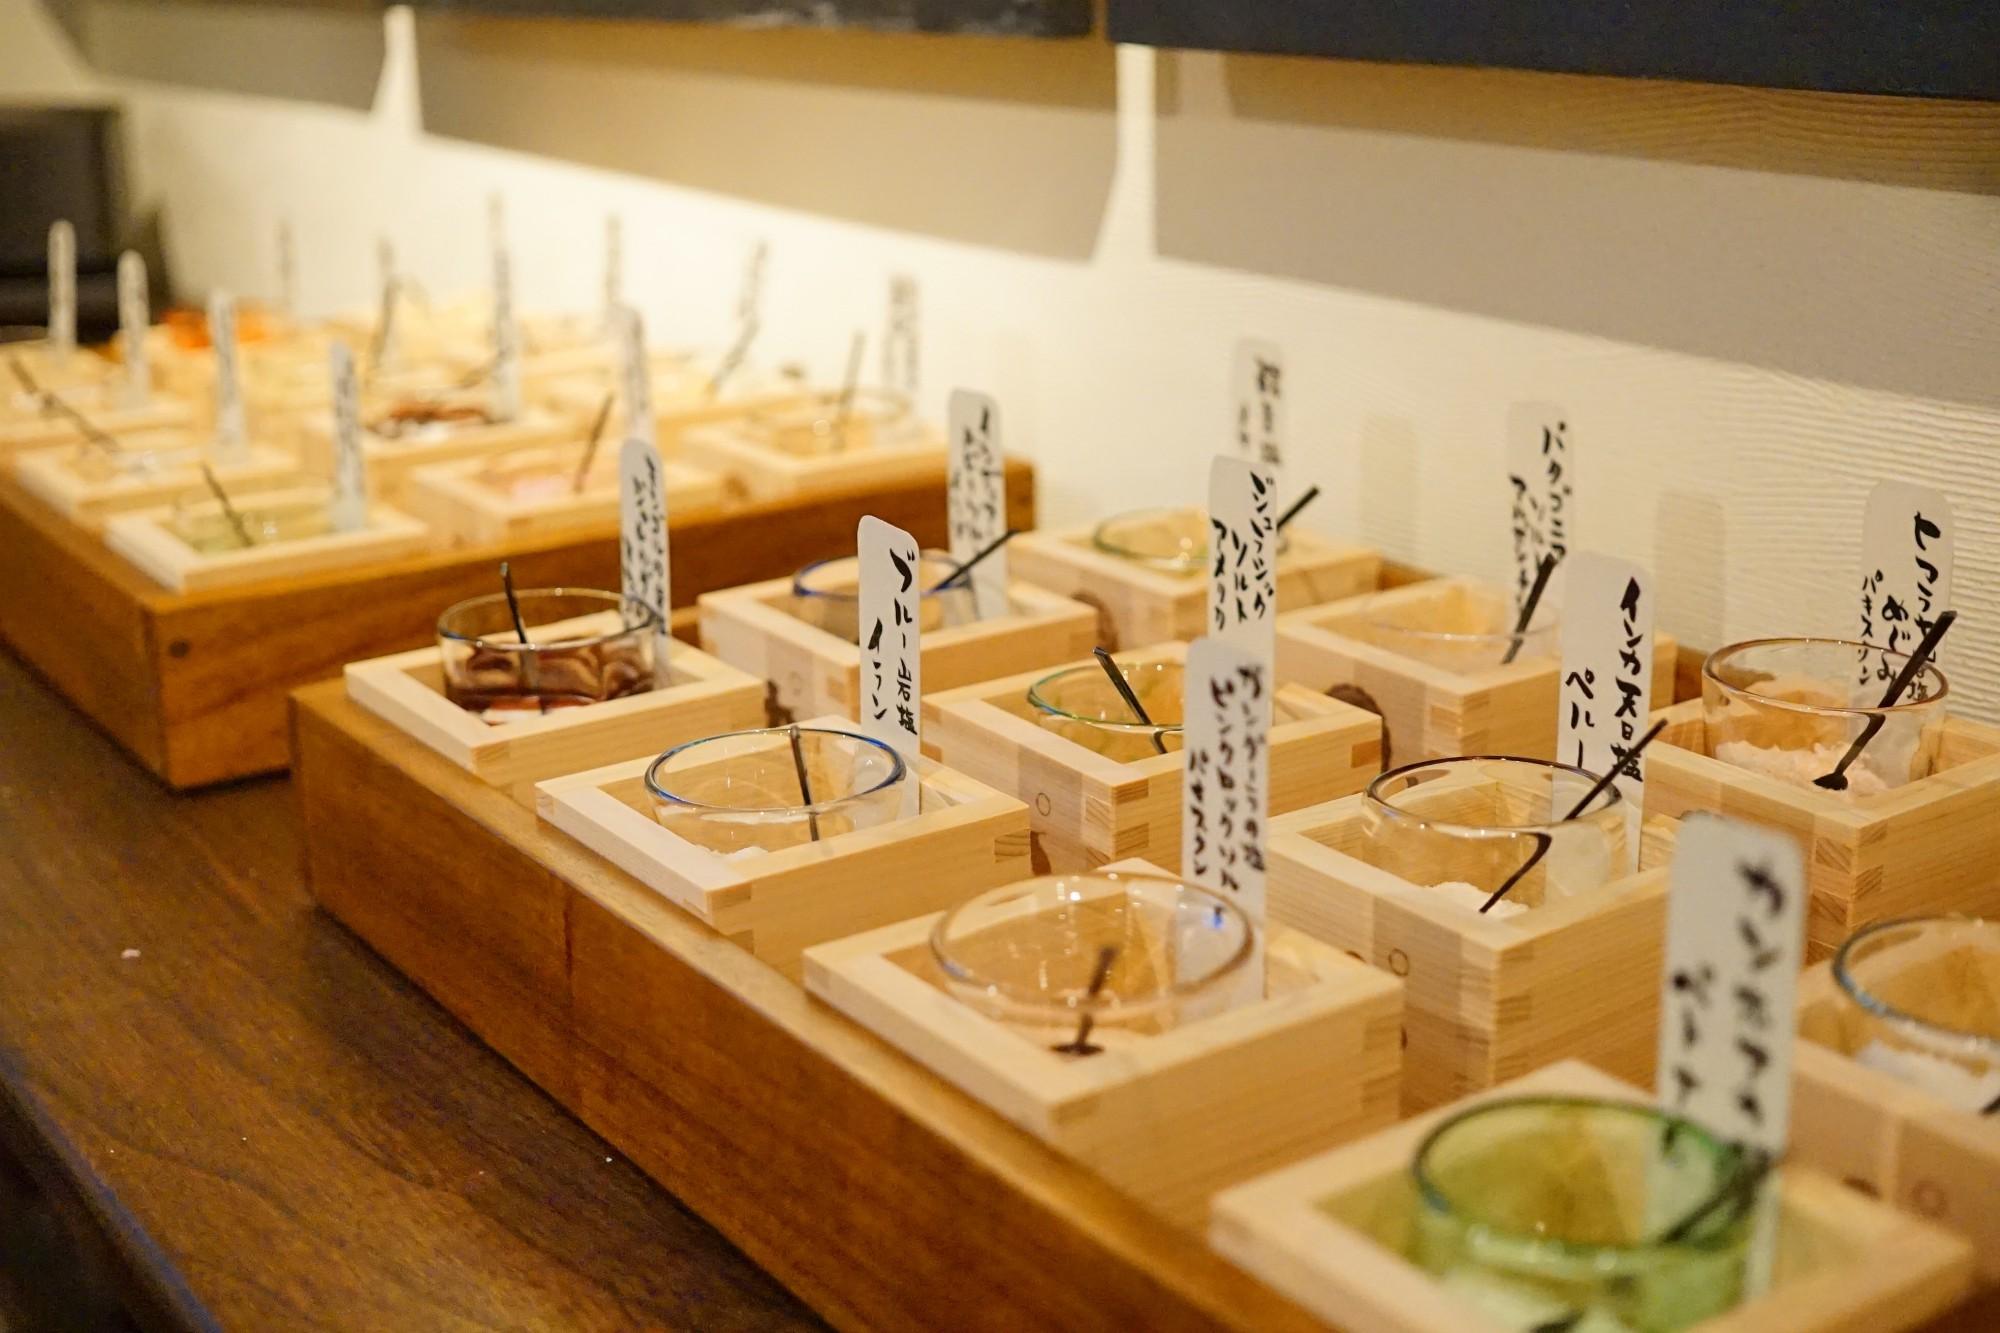 長岡の「与板越乃塩」、村上の「笹川流れの塩 笹の雫」、佐渡の「おけさ花塩」など県内産が12種類、県外産12種類、外国産12種類。バラエティに富んだ塩が計36種類! 味噌と塩は、なんと無料で味わえます。